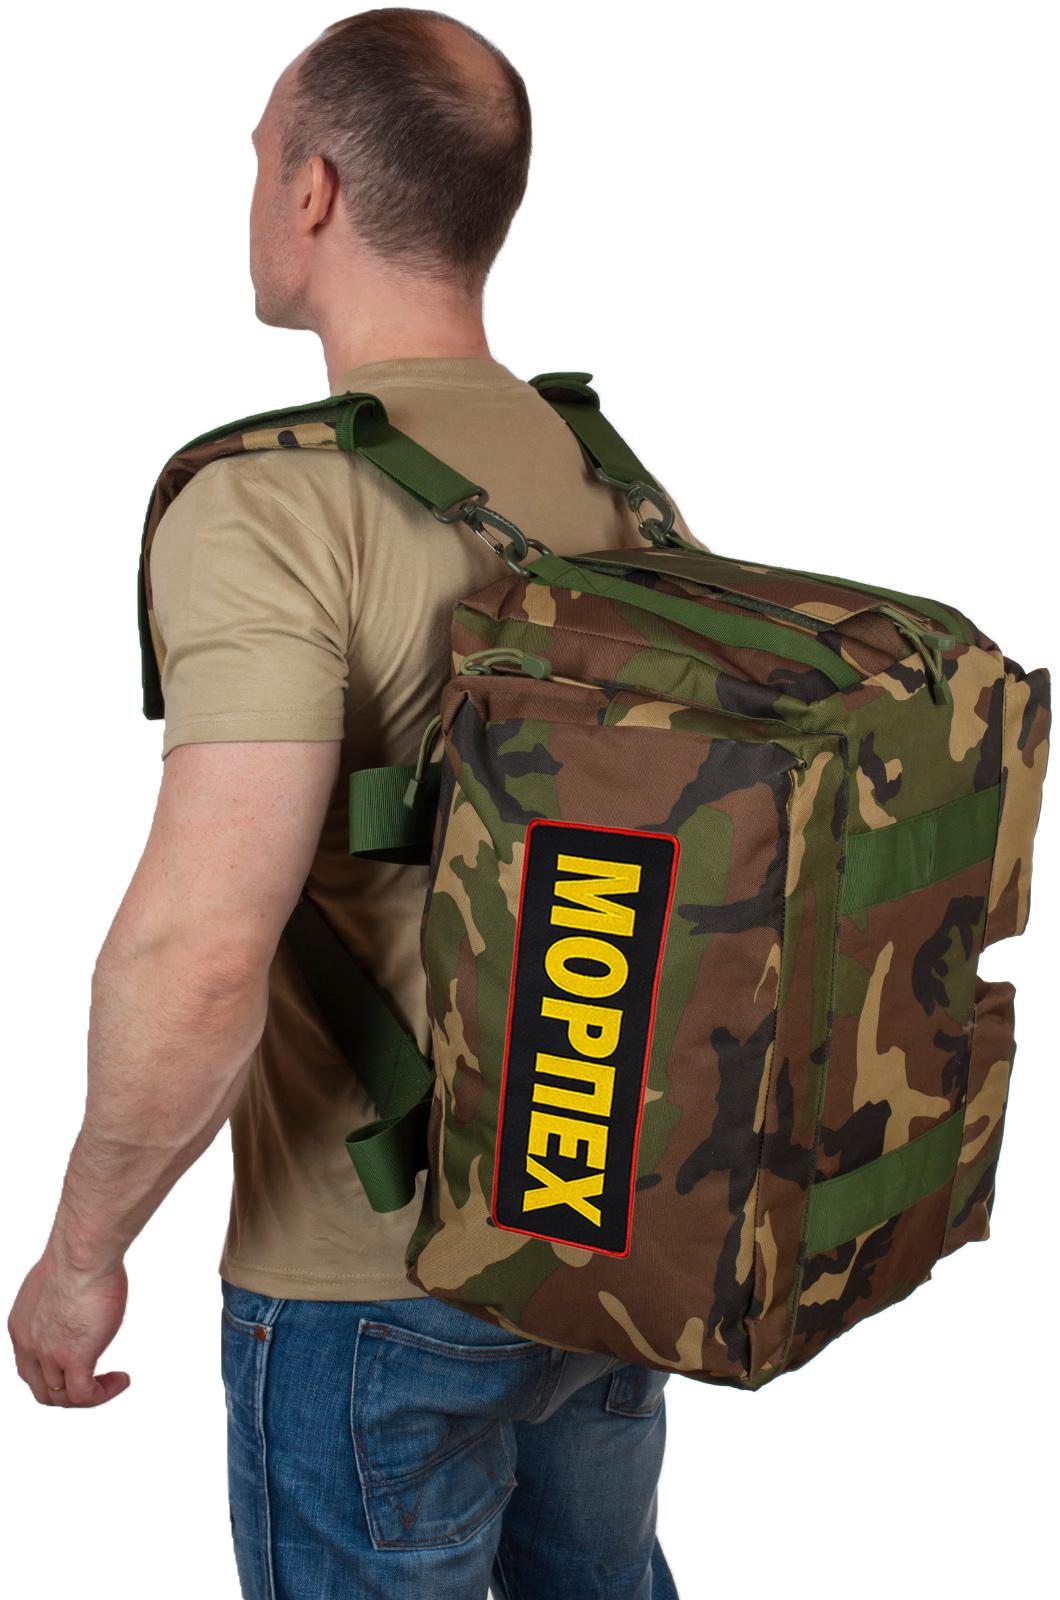 Военные сумки морской пехоты – уникальная вещь уже в наличии